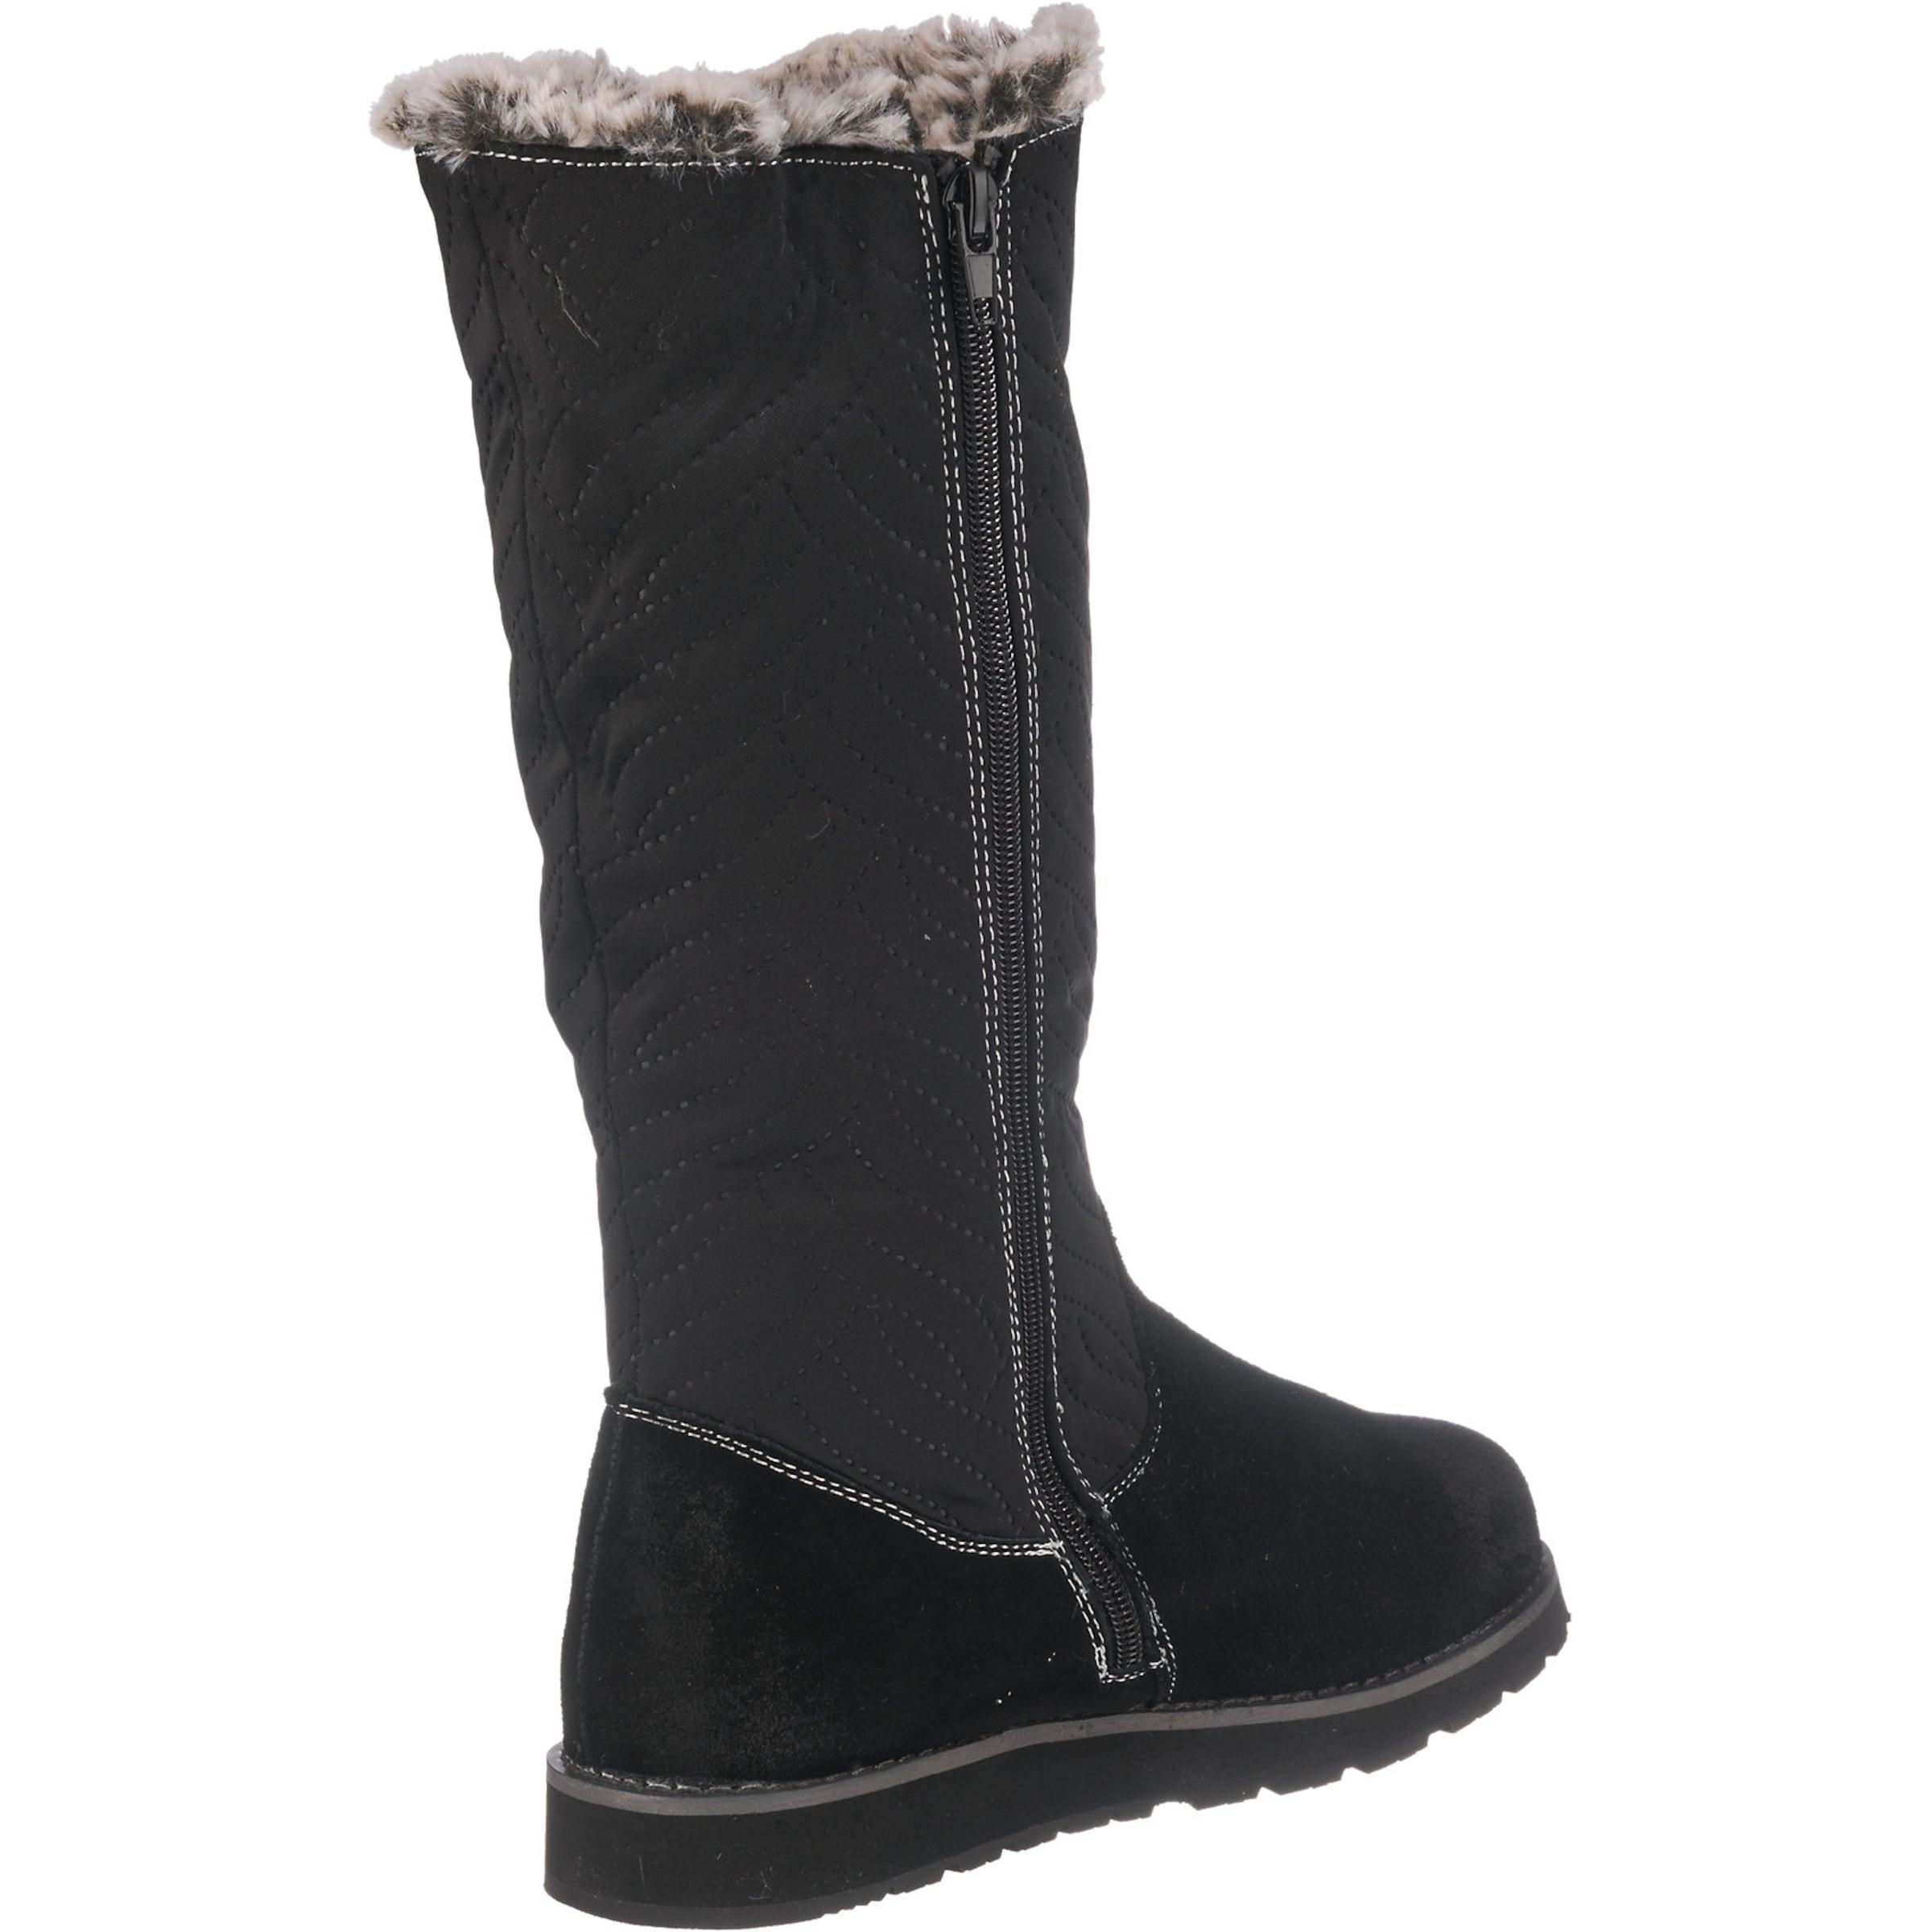 LUHTA Stiefel Aus Deutschland Niedrig Versandkosten REFe7Fxmfu